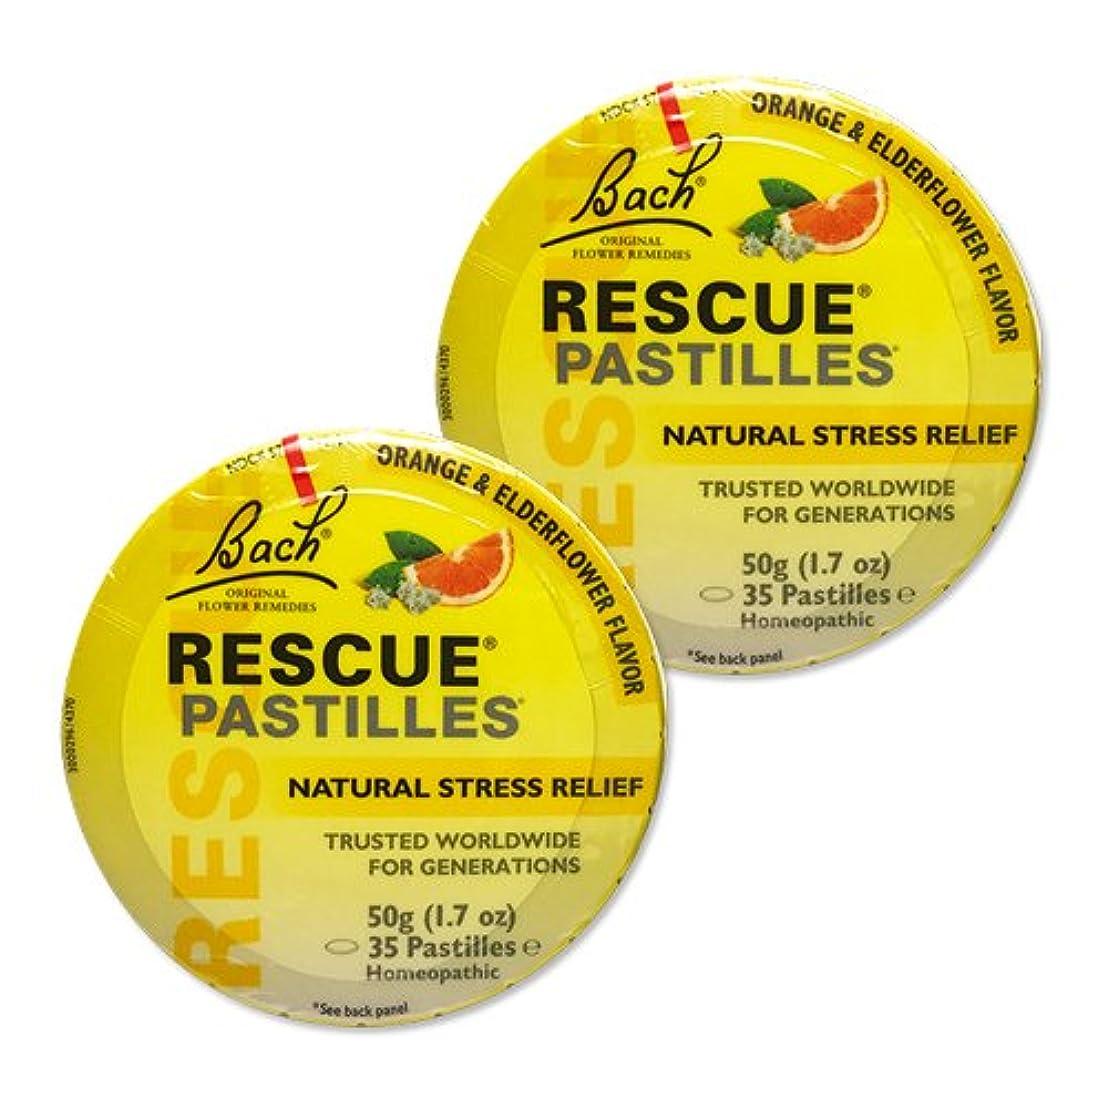 民主党何故なの記述する【2個セット】 [海外直送品]バッチフラワー レスキューレメディー パステル(オレンジ) Rescue Pastilles: For Occasional...